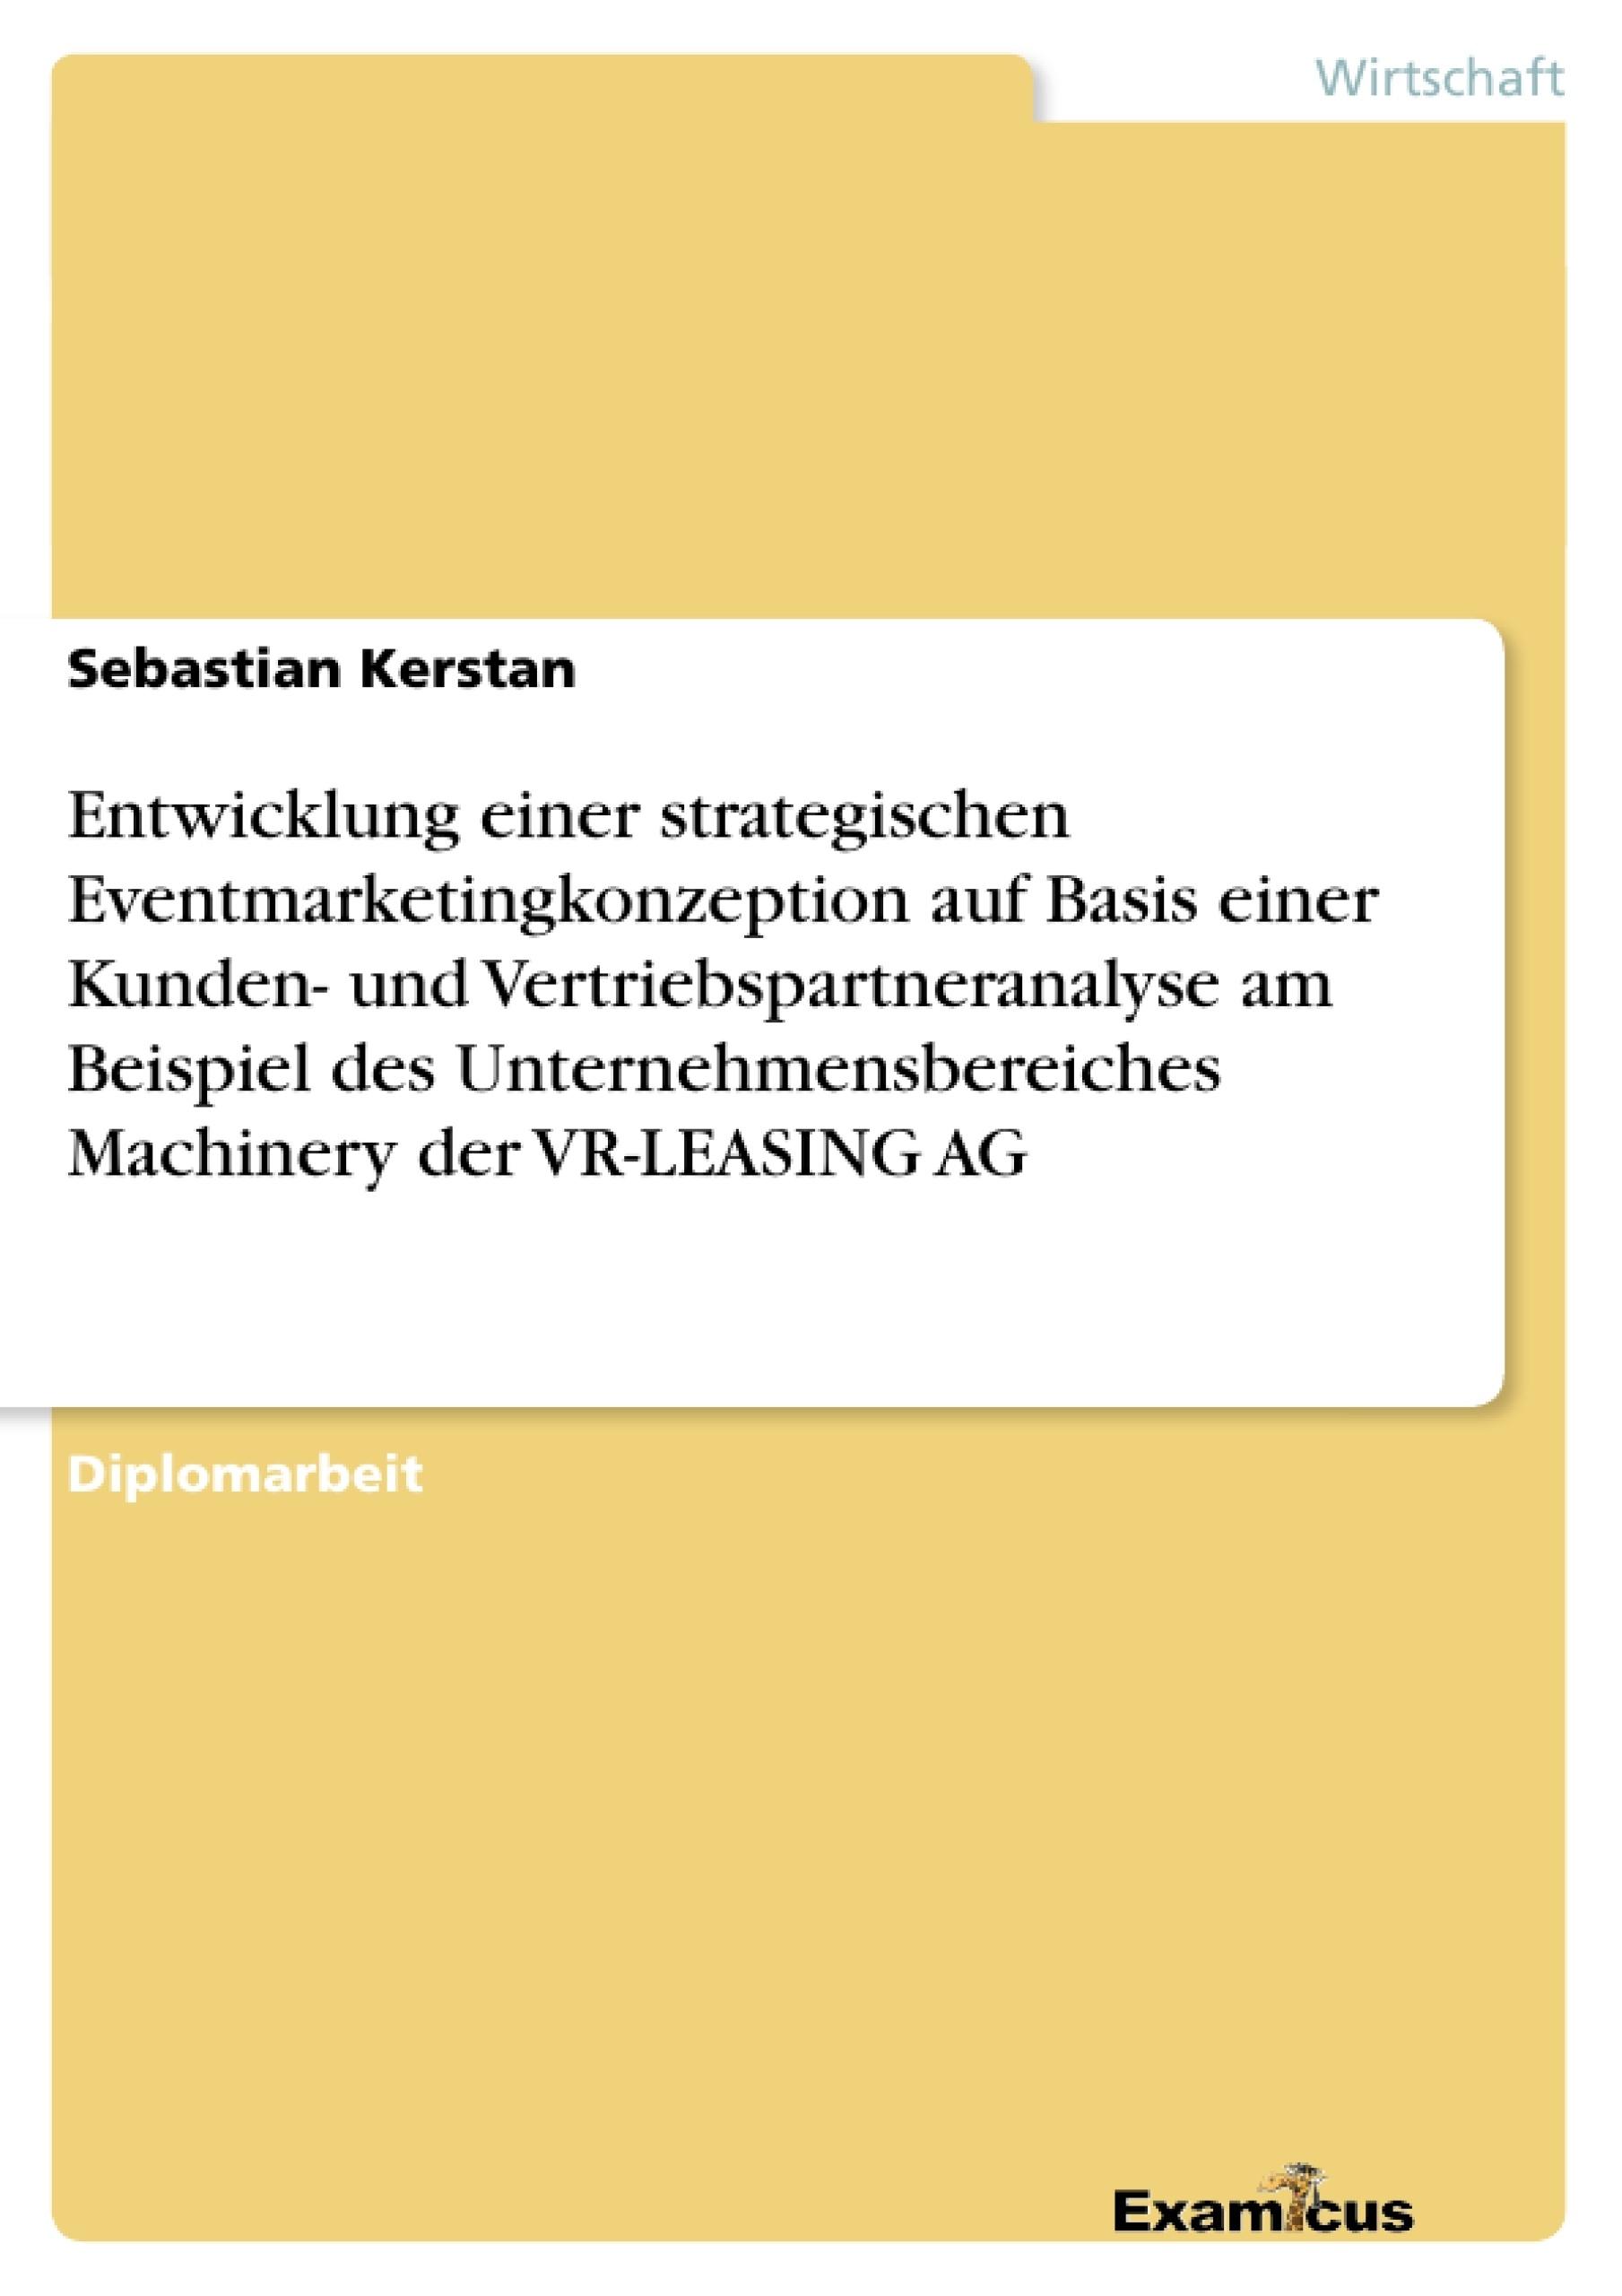 Titel: Entwicklung einer strategischen Eventmarketingkonzeption auf Basis einer Kunden- und Vertriebspartneranalyse am Beispiel des Unternehmensbereiches Machinery der VR-LEASING AG